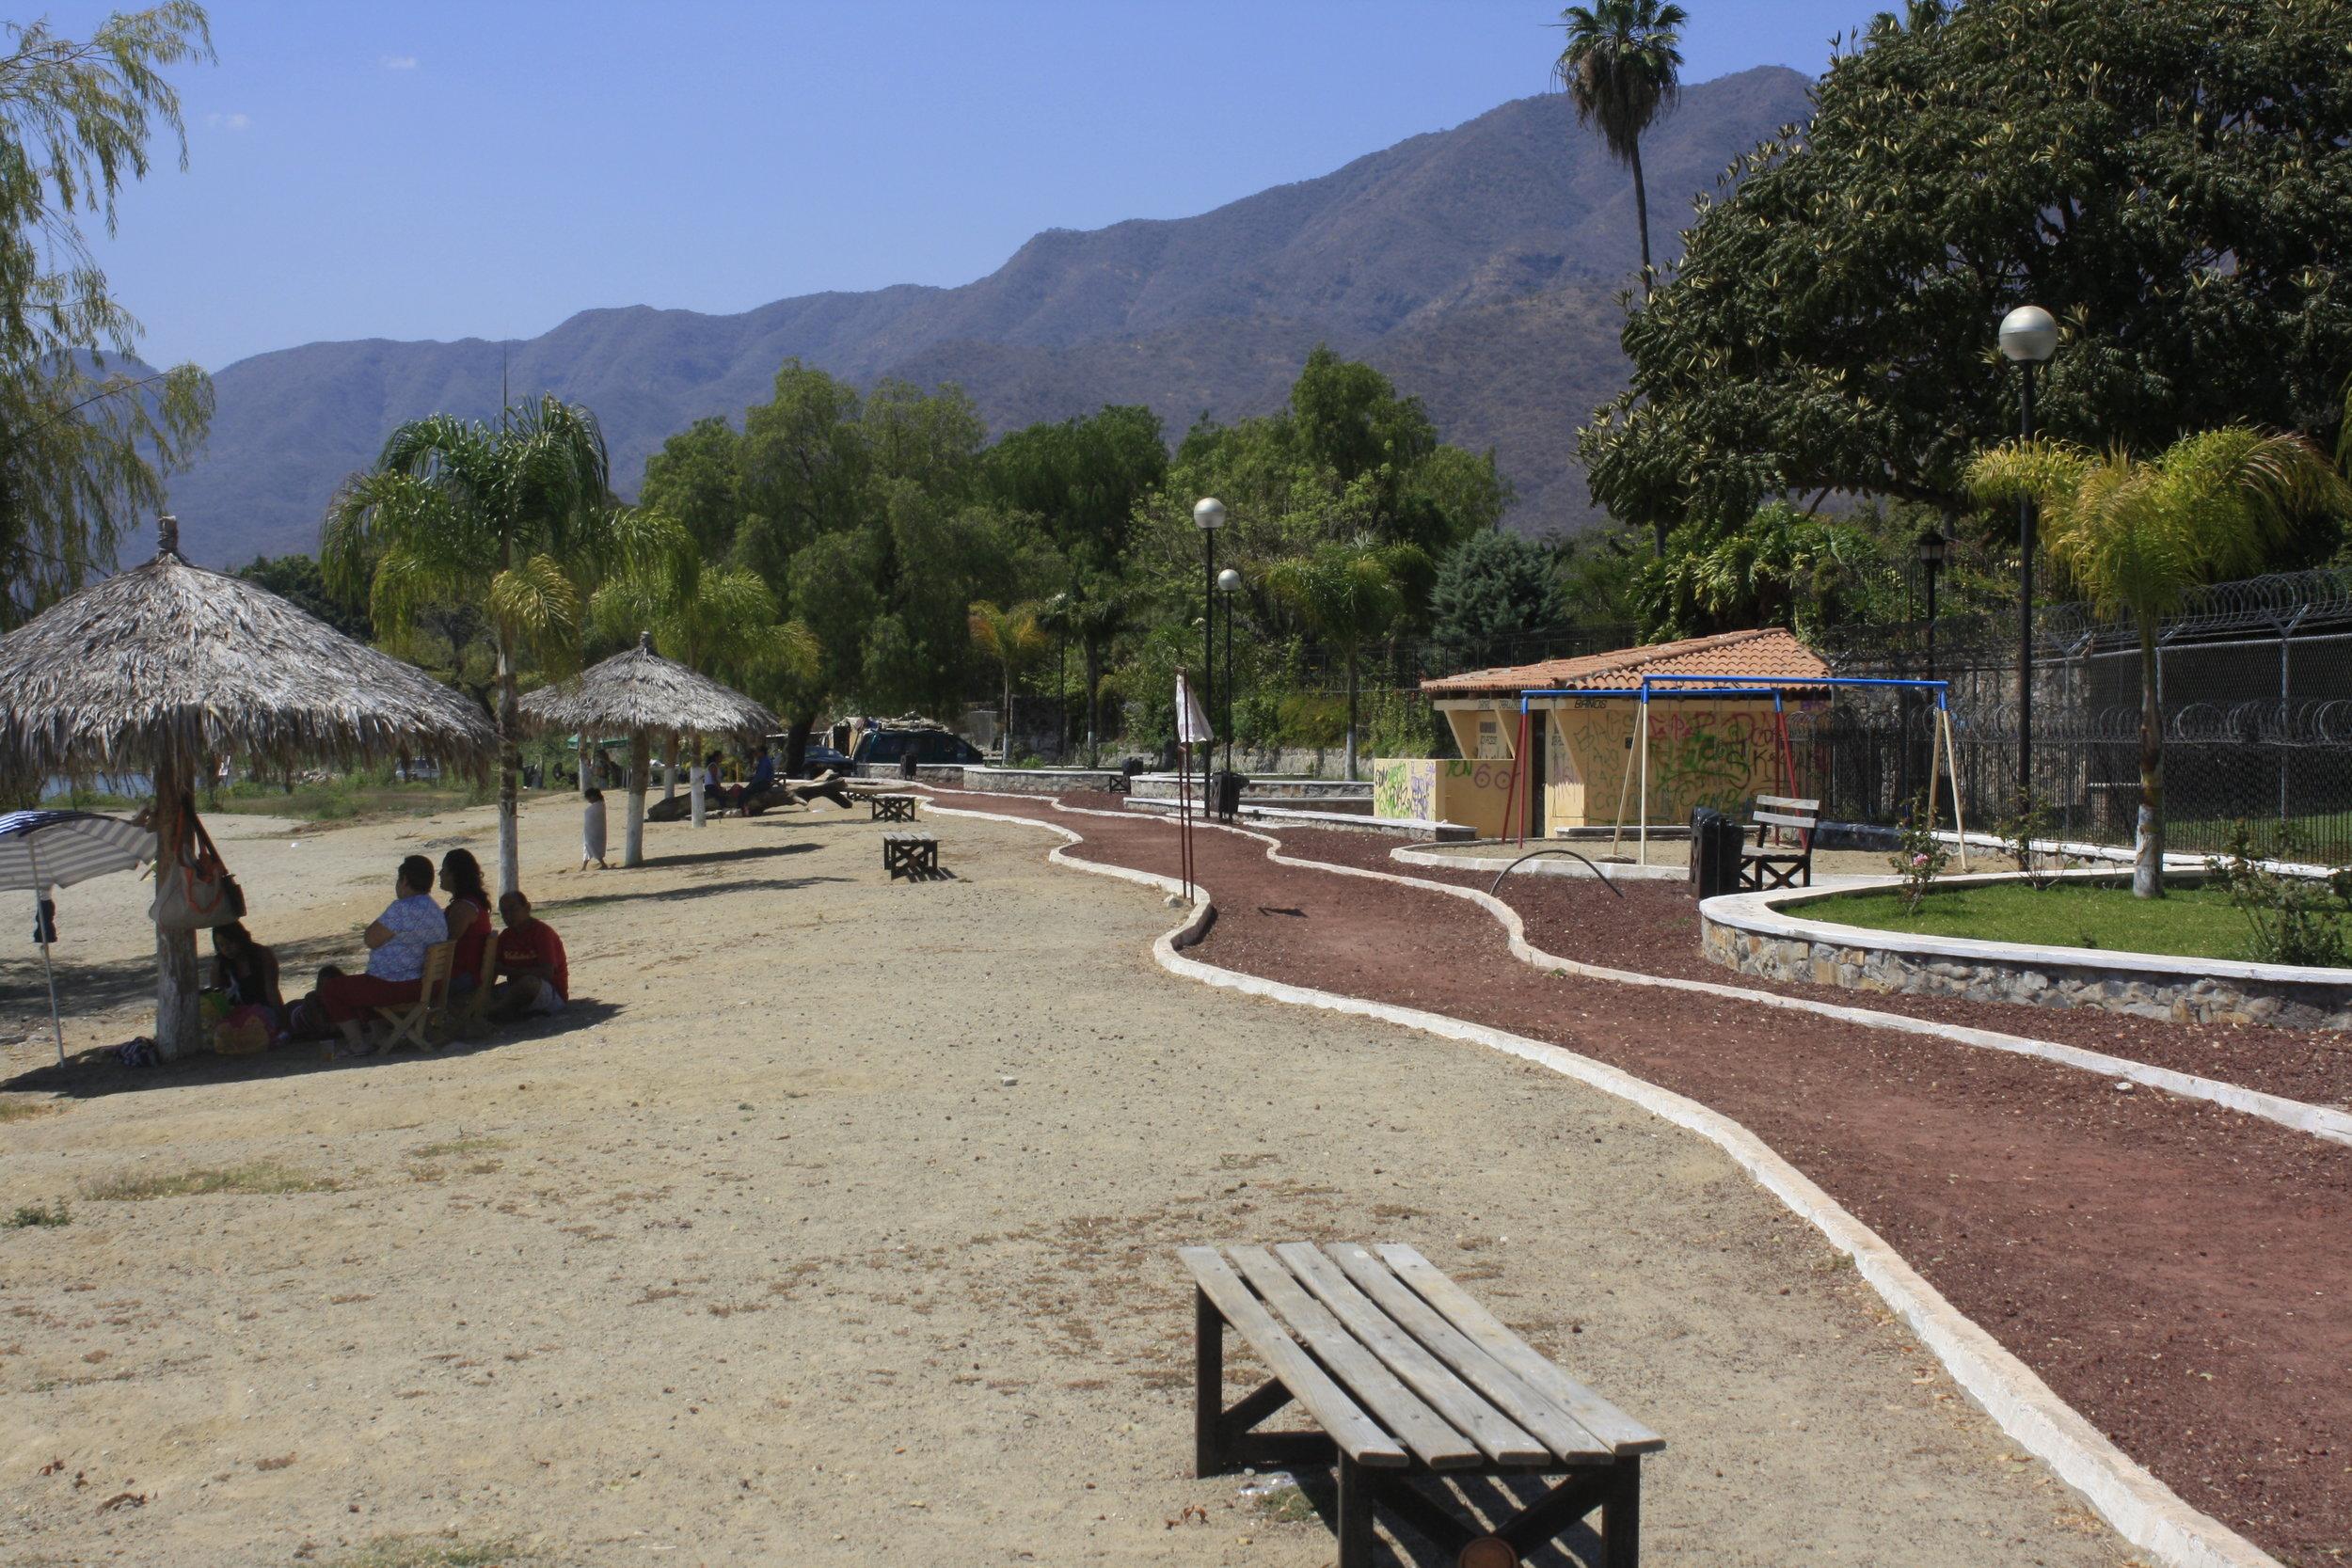 The lakeside promenade in San Antonio Tlayacapan